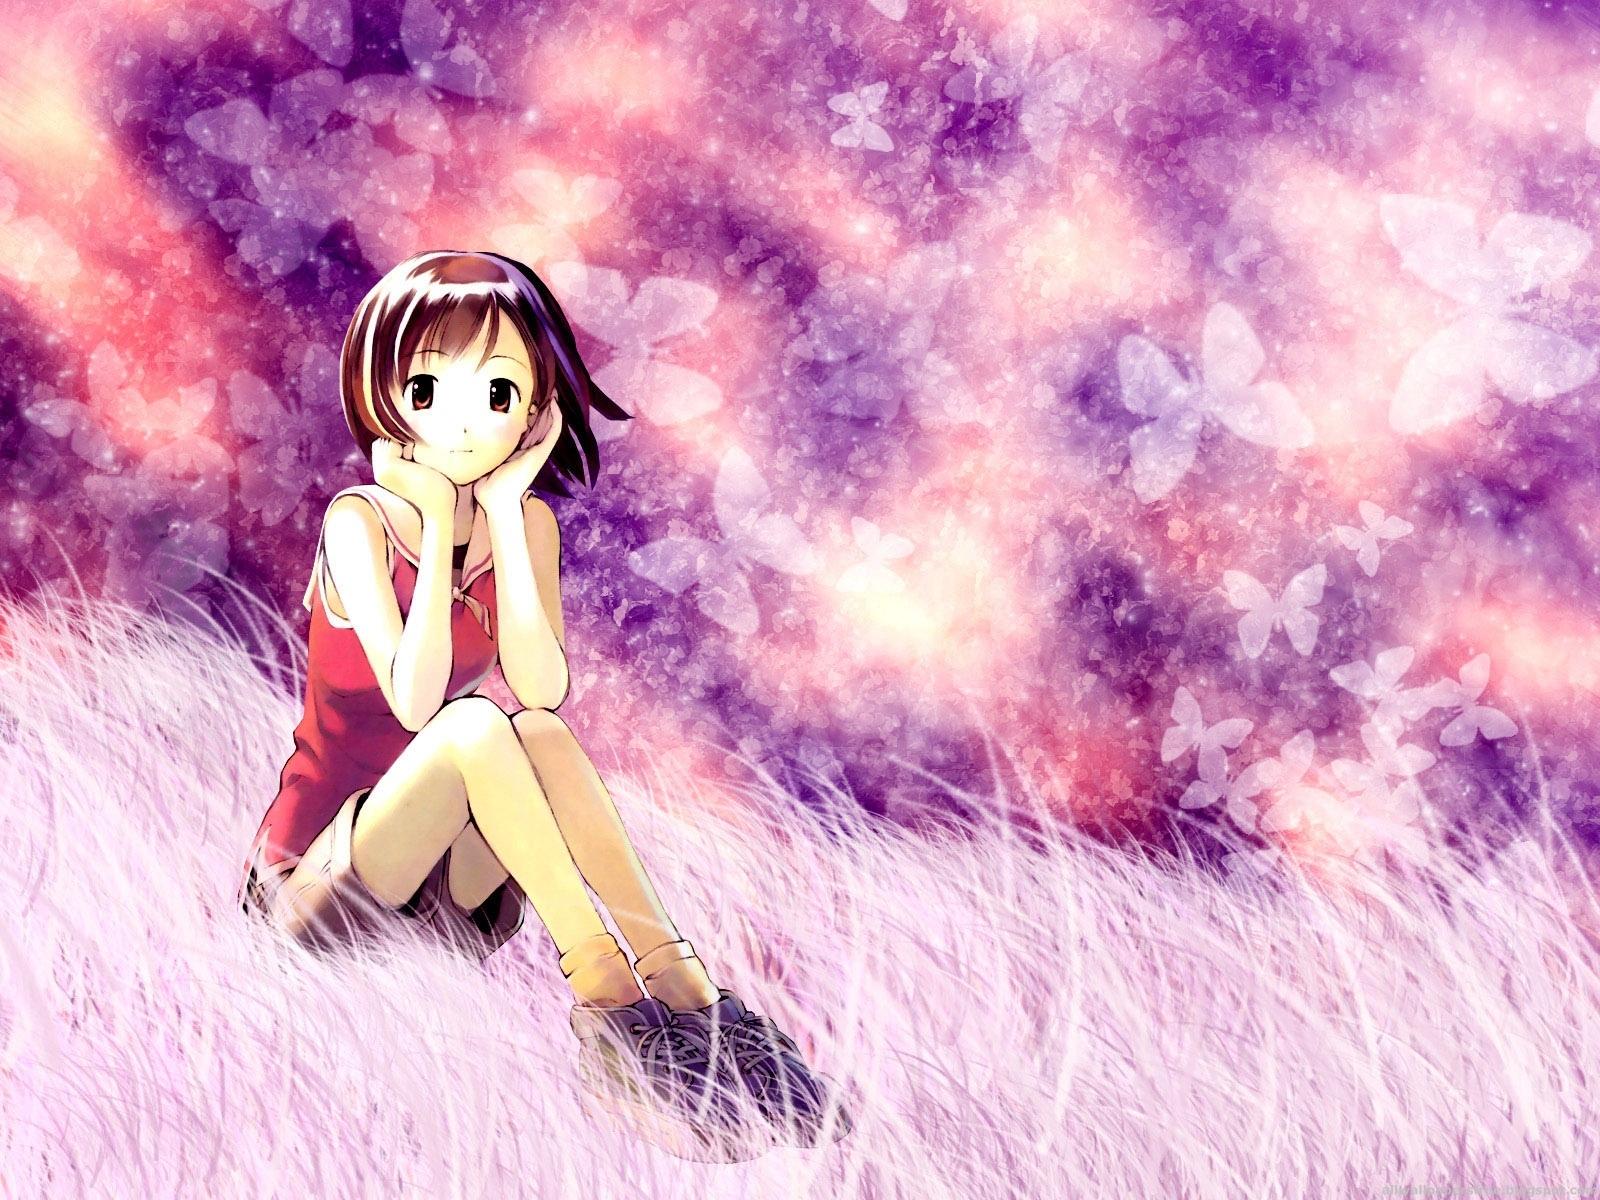 Рисованные красивые девушки из аниме 11 фотография